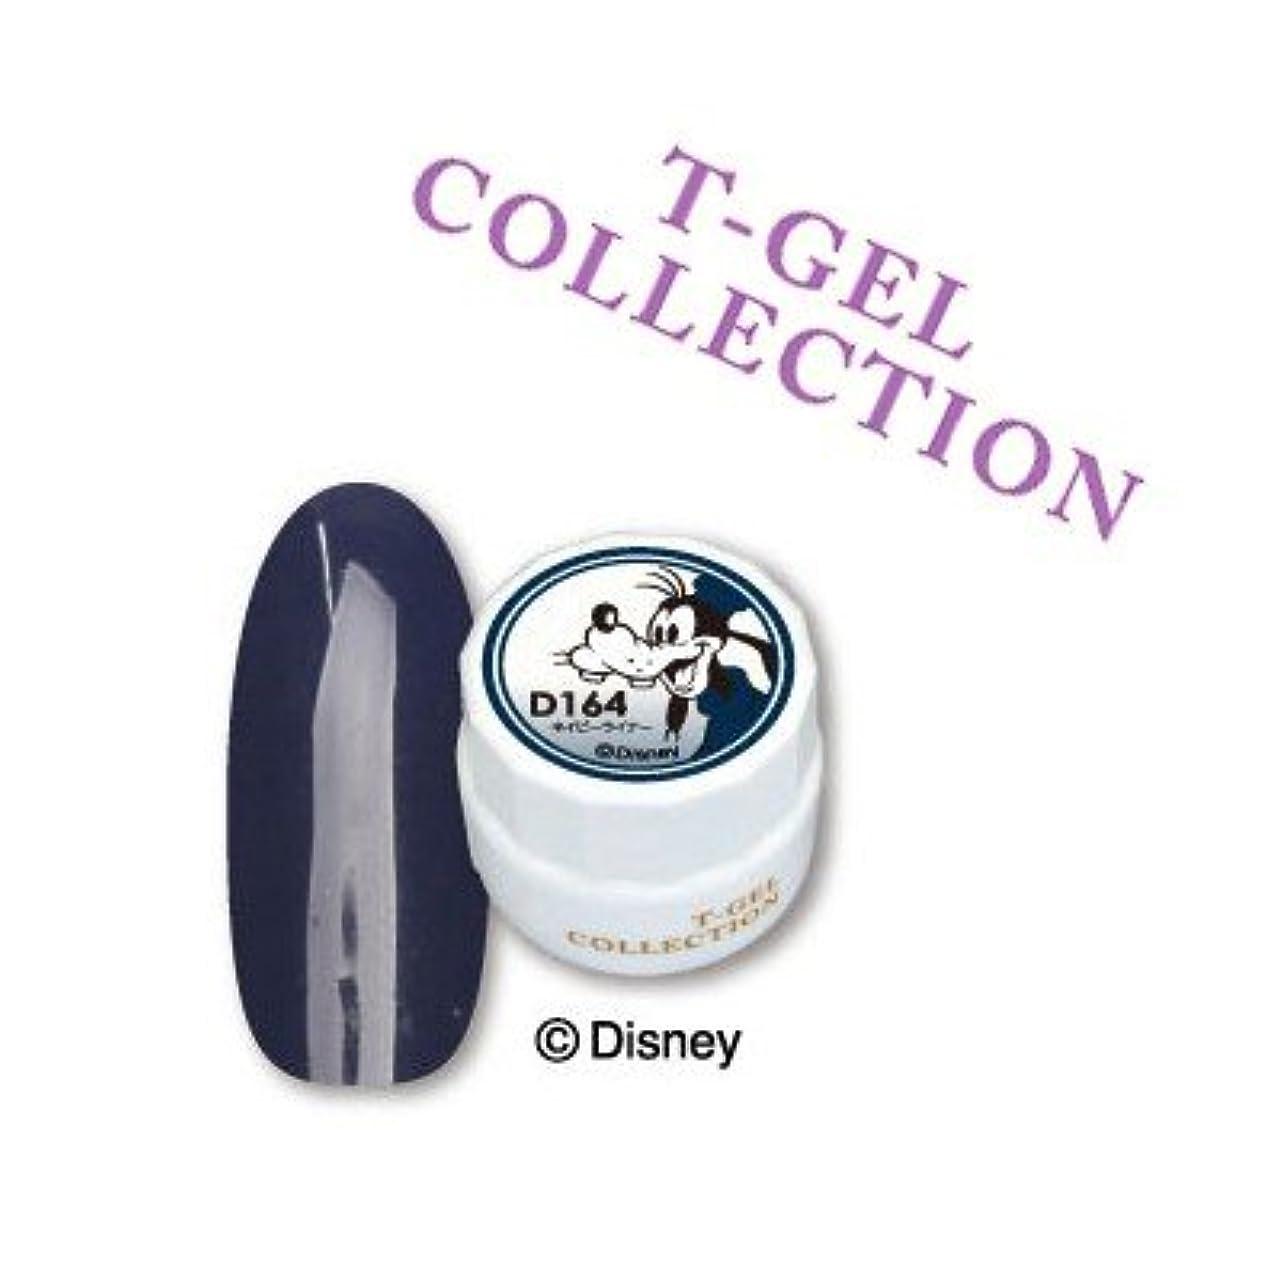 T-GEL COLLECTION カラージェル D164 ネイビーライナー 4ml